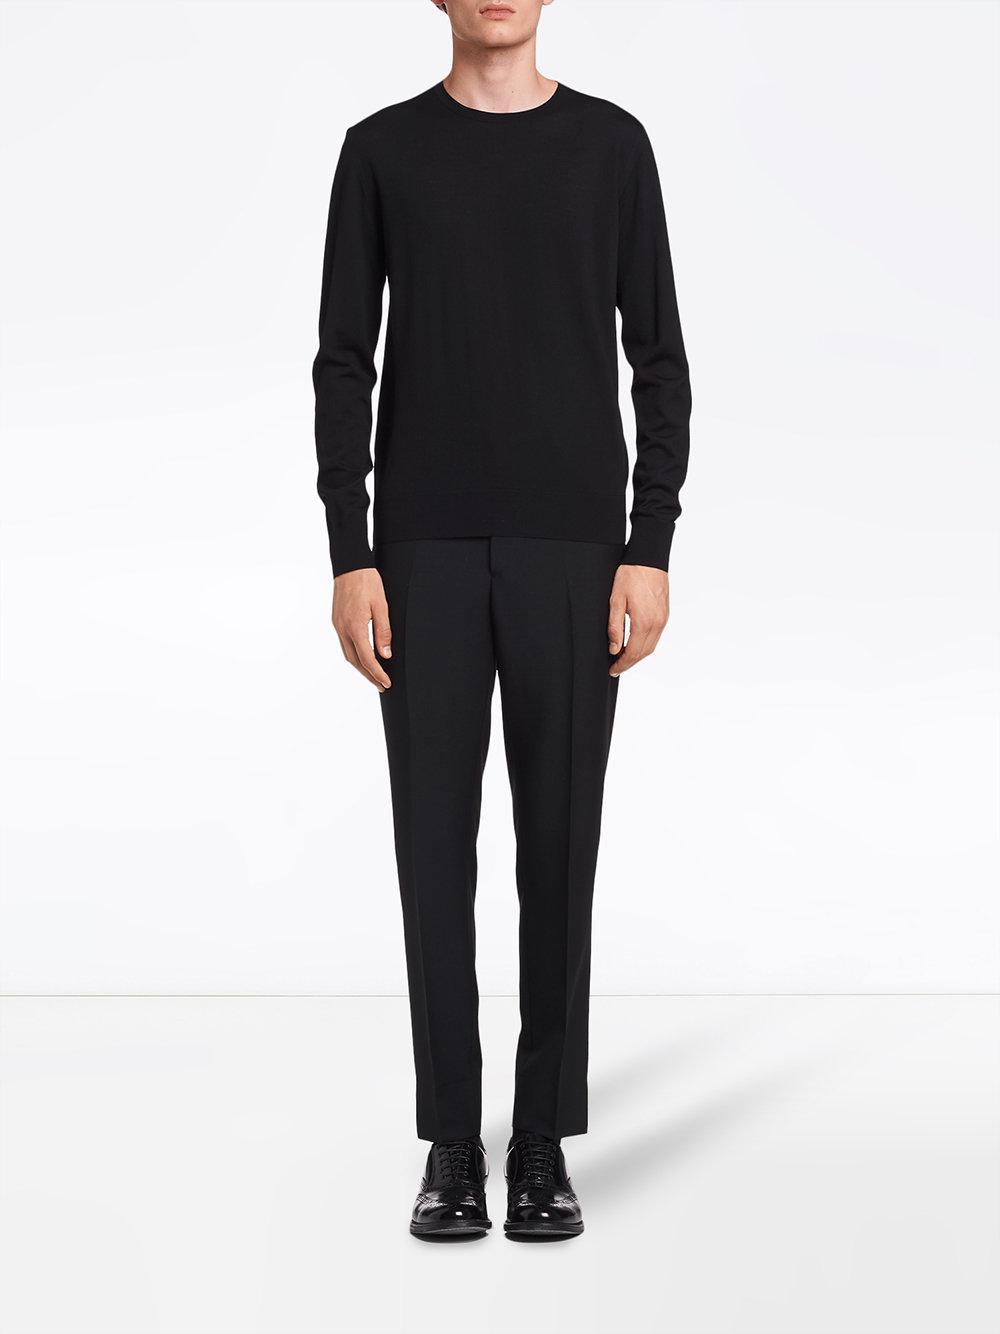 Prada Wol Knitted Crew Neck Sweater in het Zwart voor heren